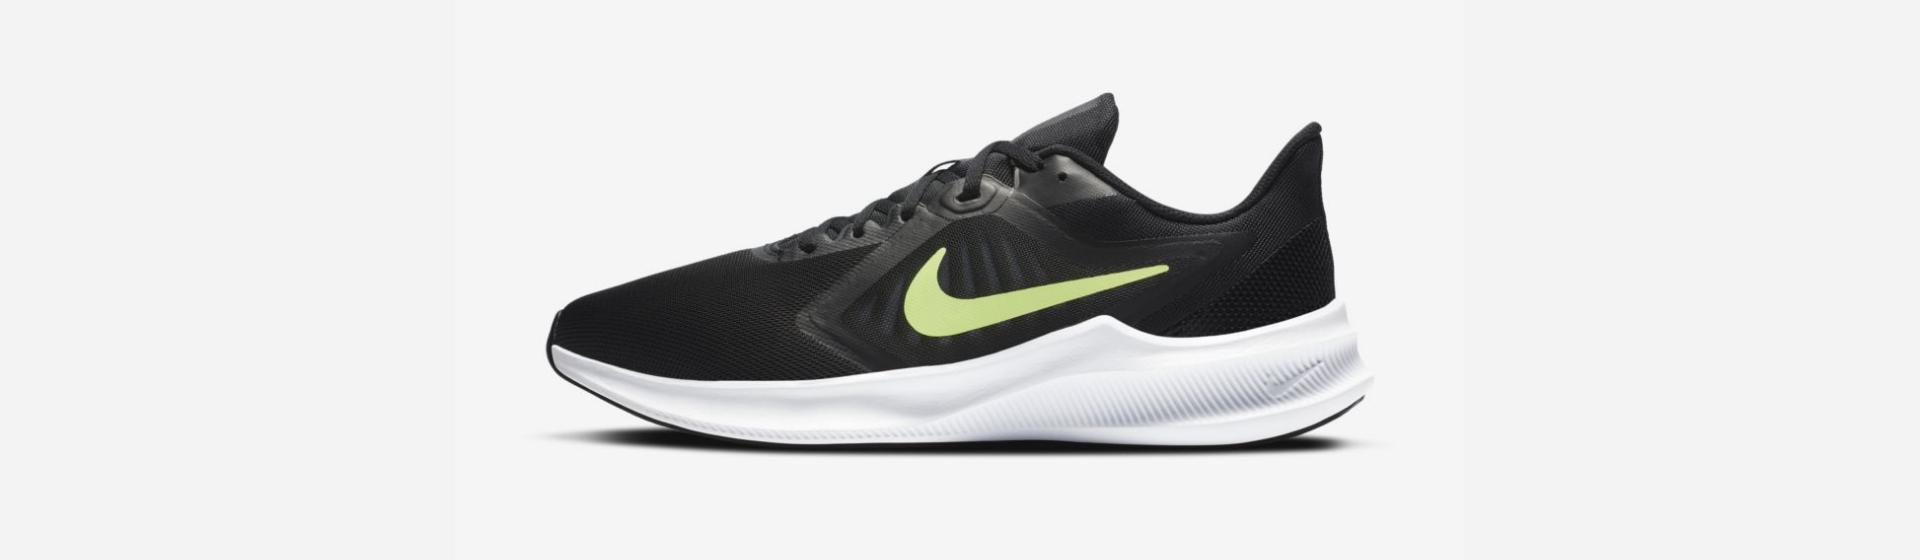 Tênis Nike Downshifter 10 é bom? Confira análise do tênis de corrida